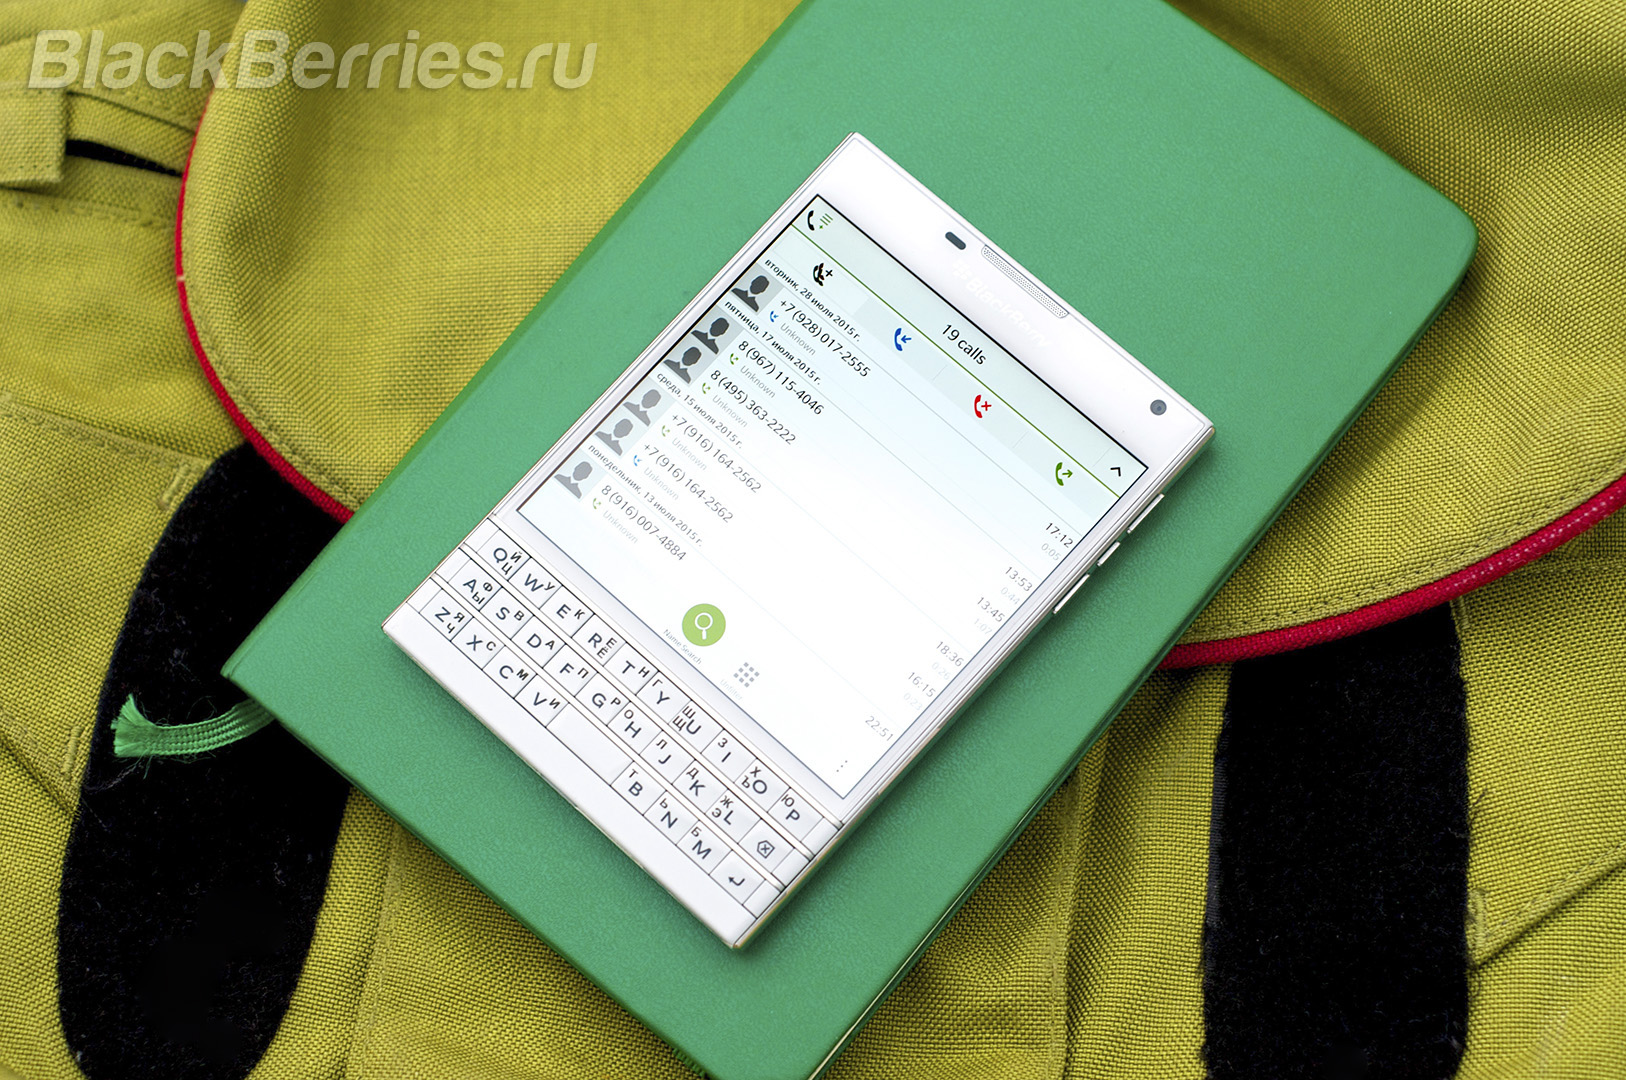 BlackBerry-Apps-12-09-06